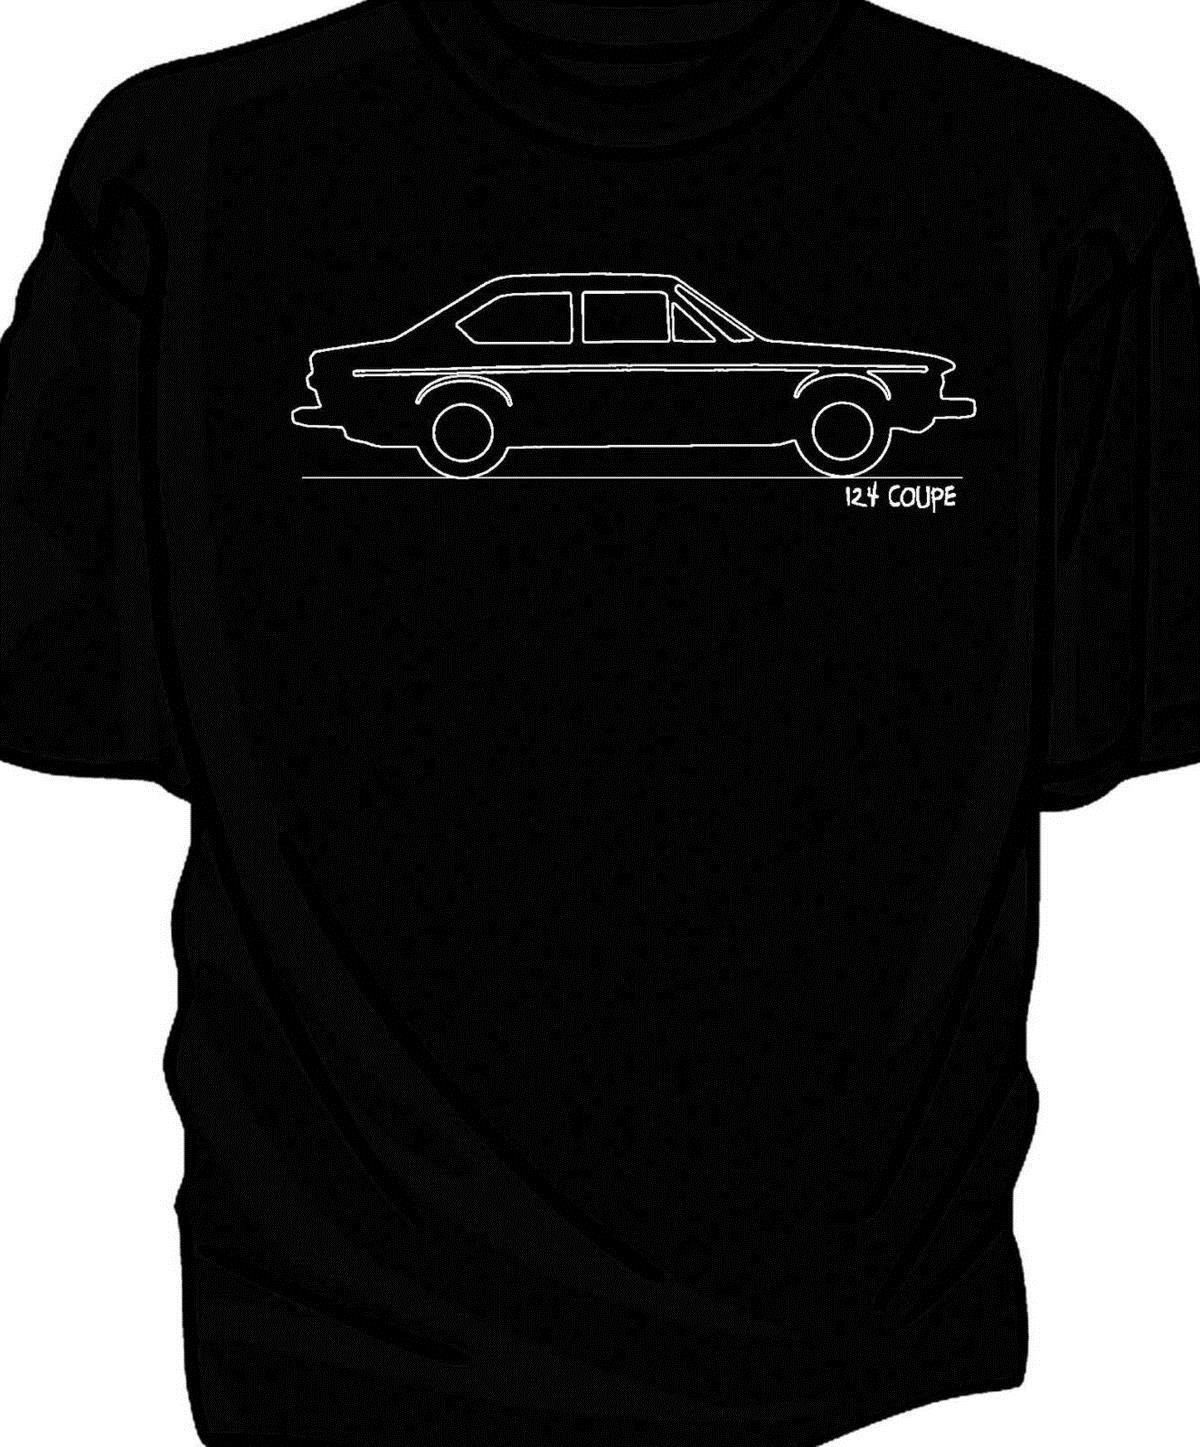 Original Sketch Fiat 124 Coupe T Shirt Awesome Cheap Shirts Wiring Diagram Online Shopping For From Zhangjingxin08 1208